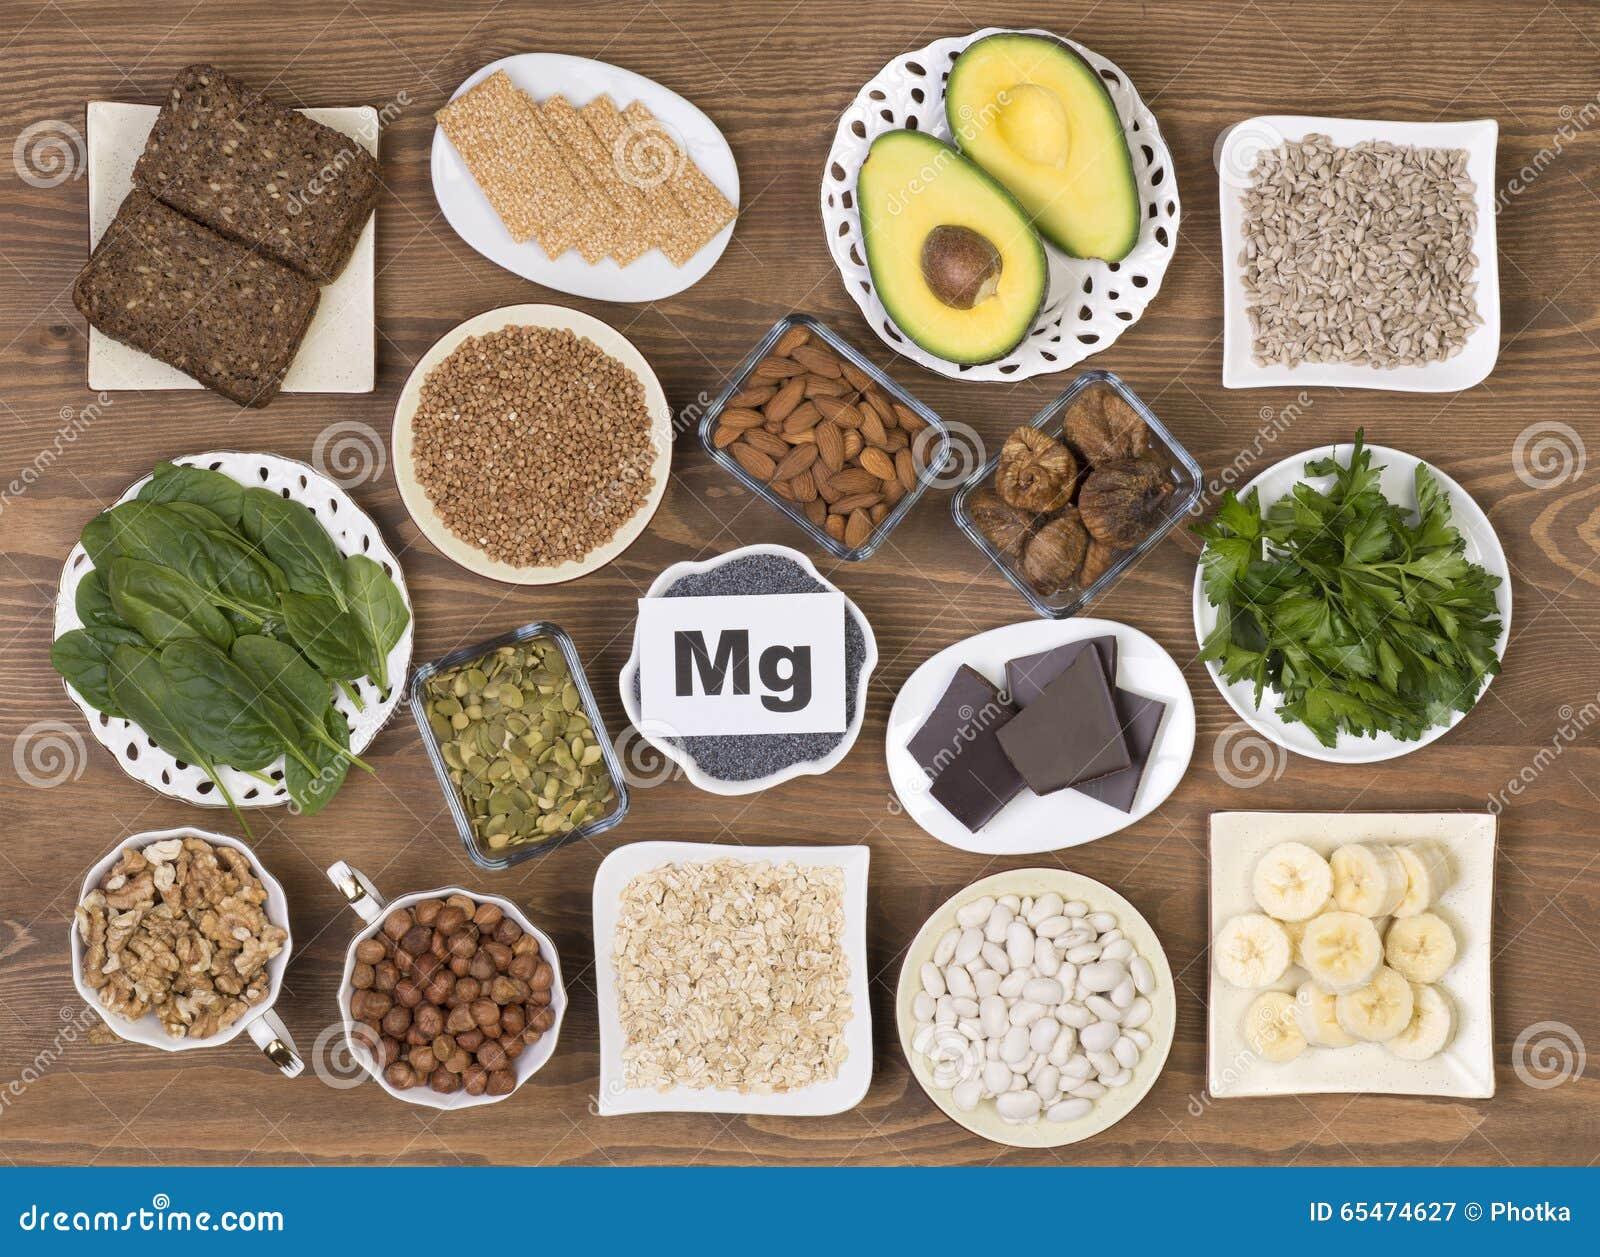 Magnesium stock